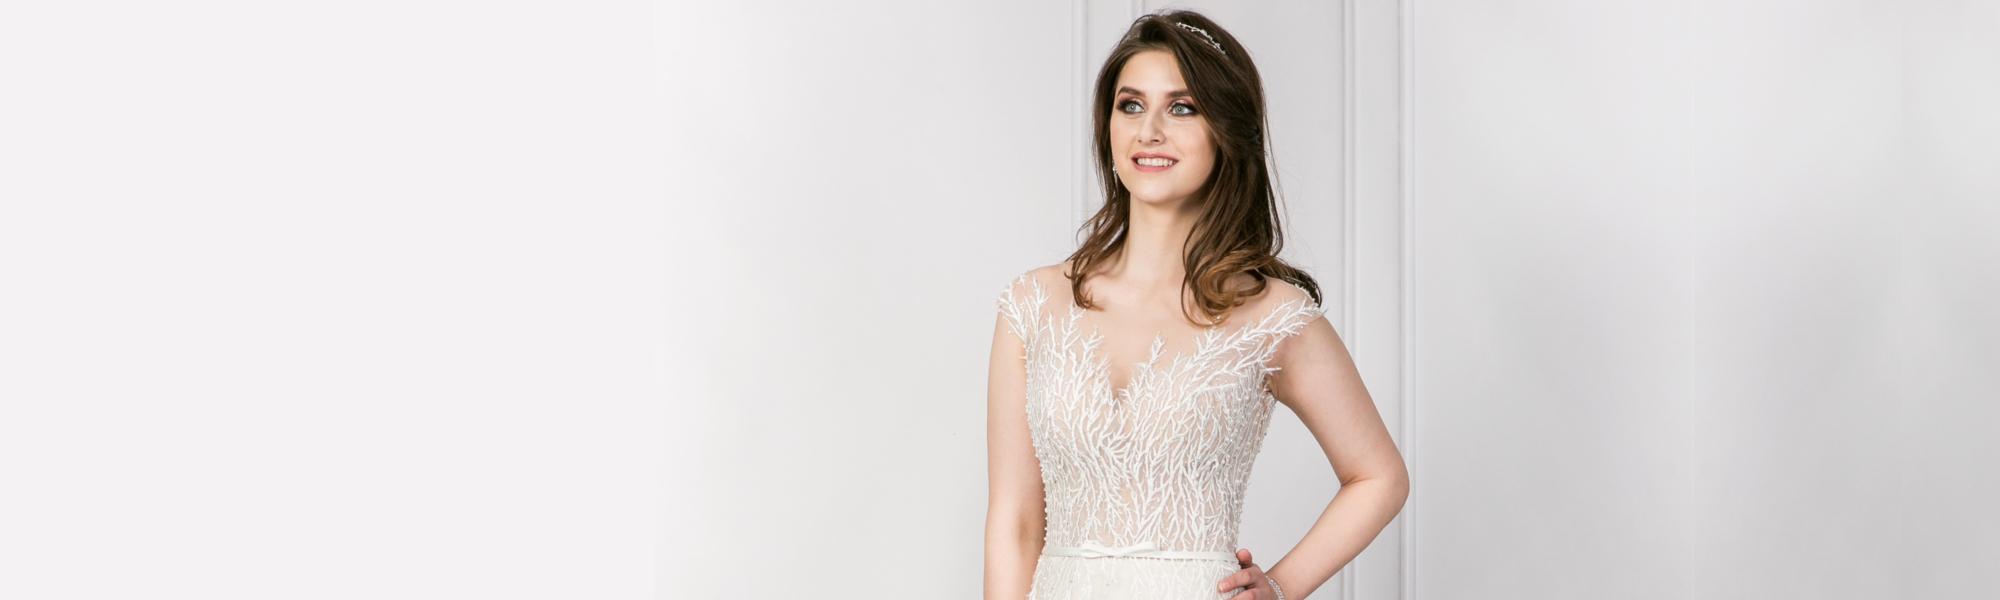 Lobelia - suknia ślubna w kształcie litery A z tiulem i koronką